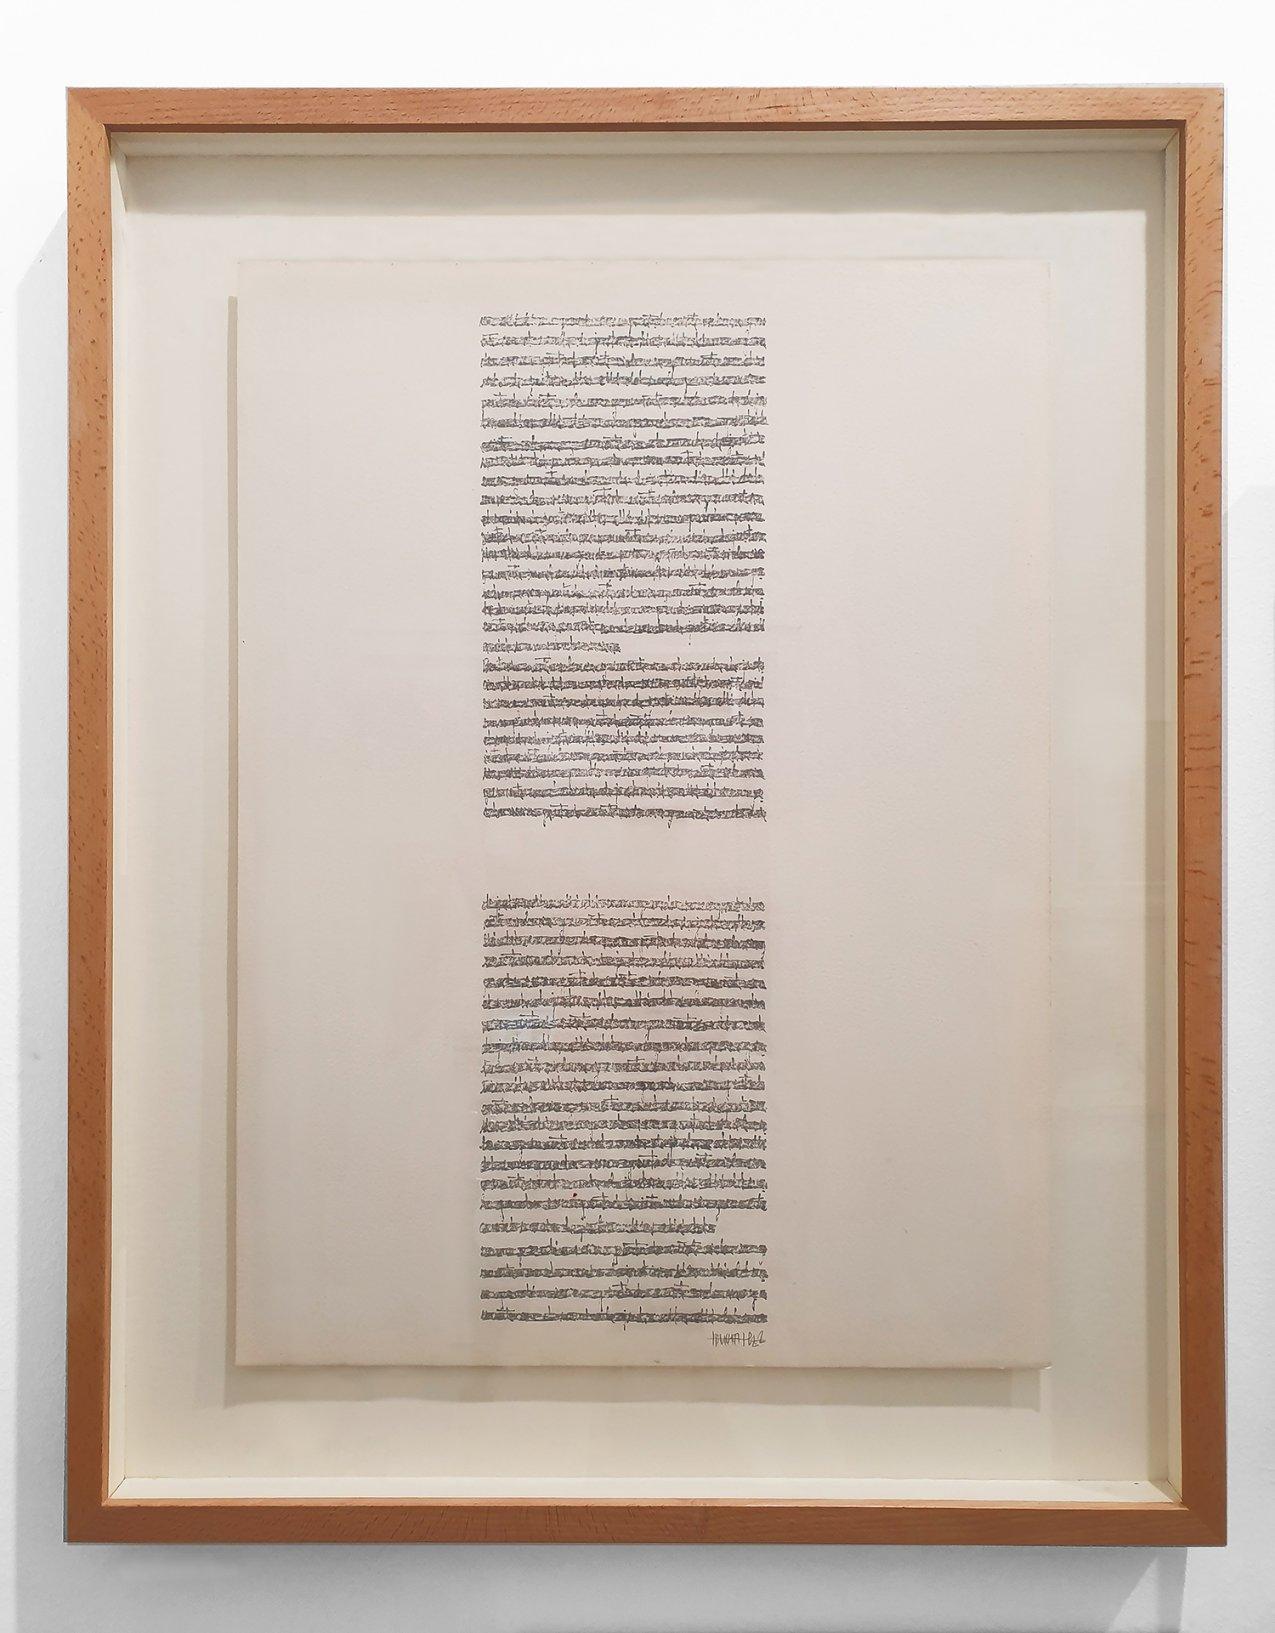 Textos autocensurados y borrados 1. Cuaderno 2 (1976) - Concha Jerez